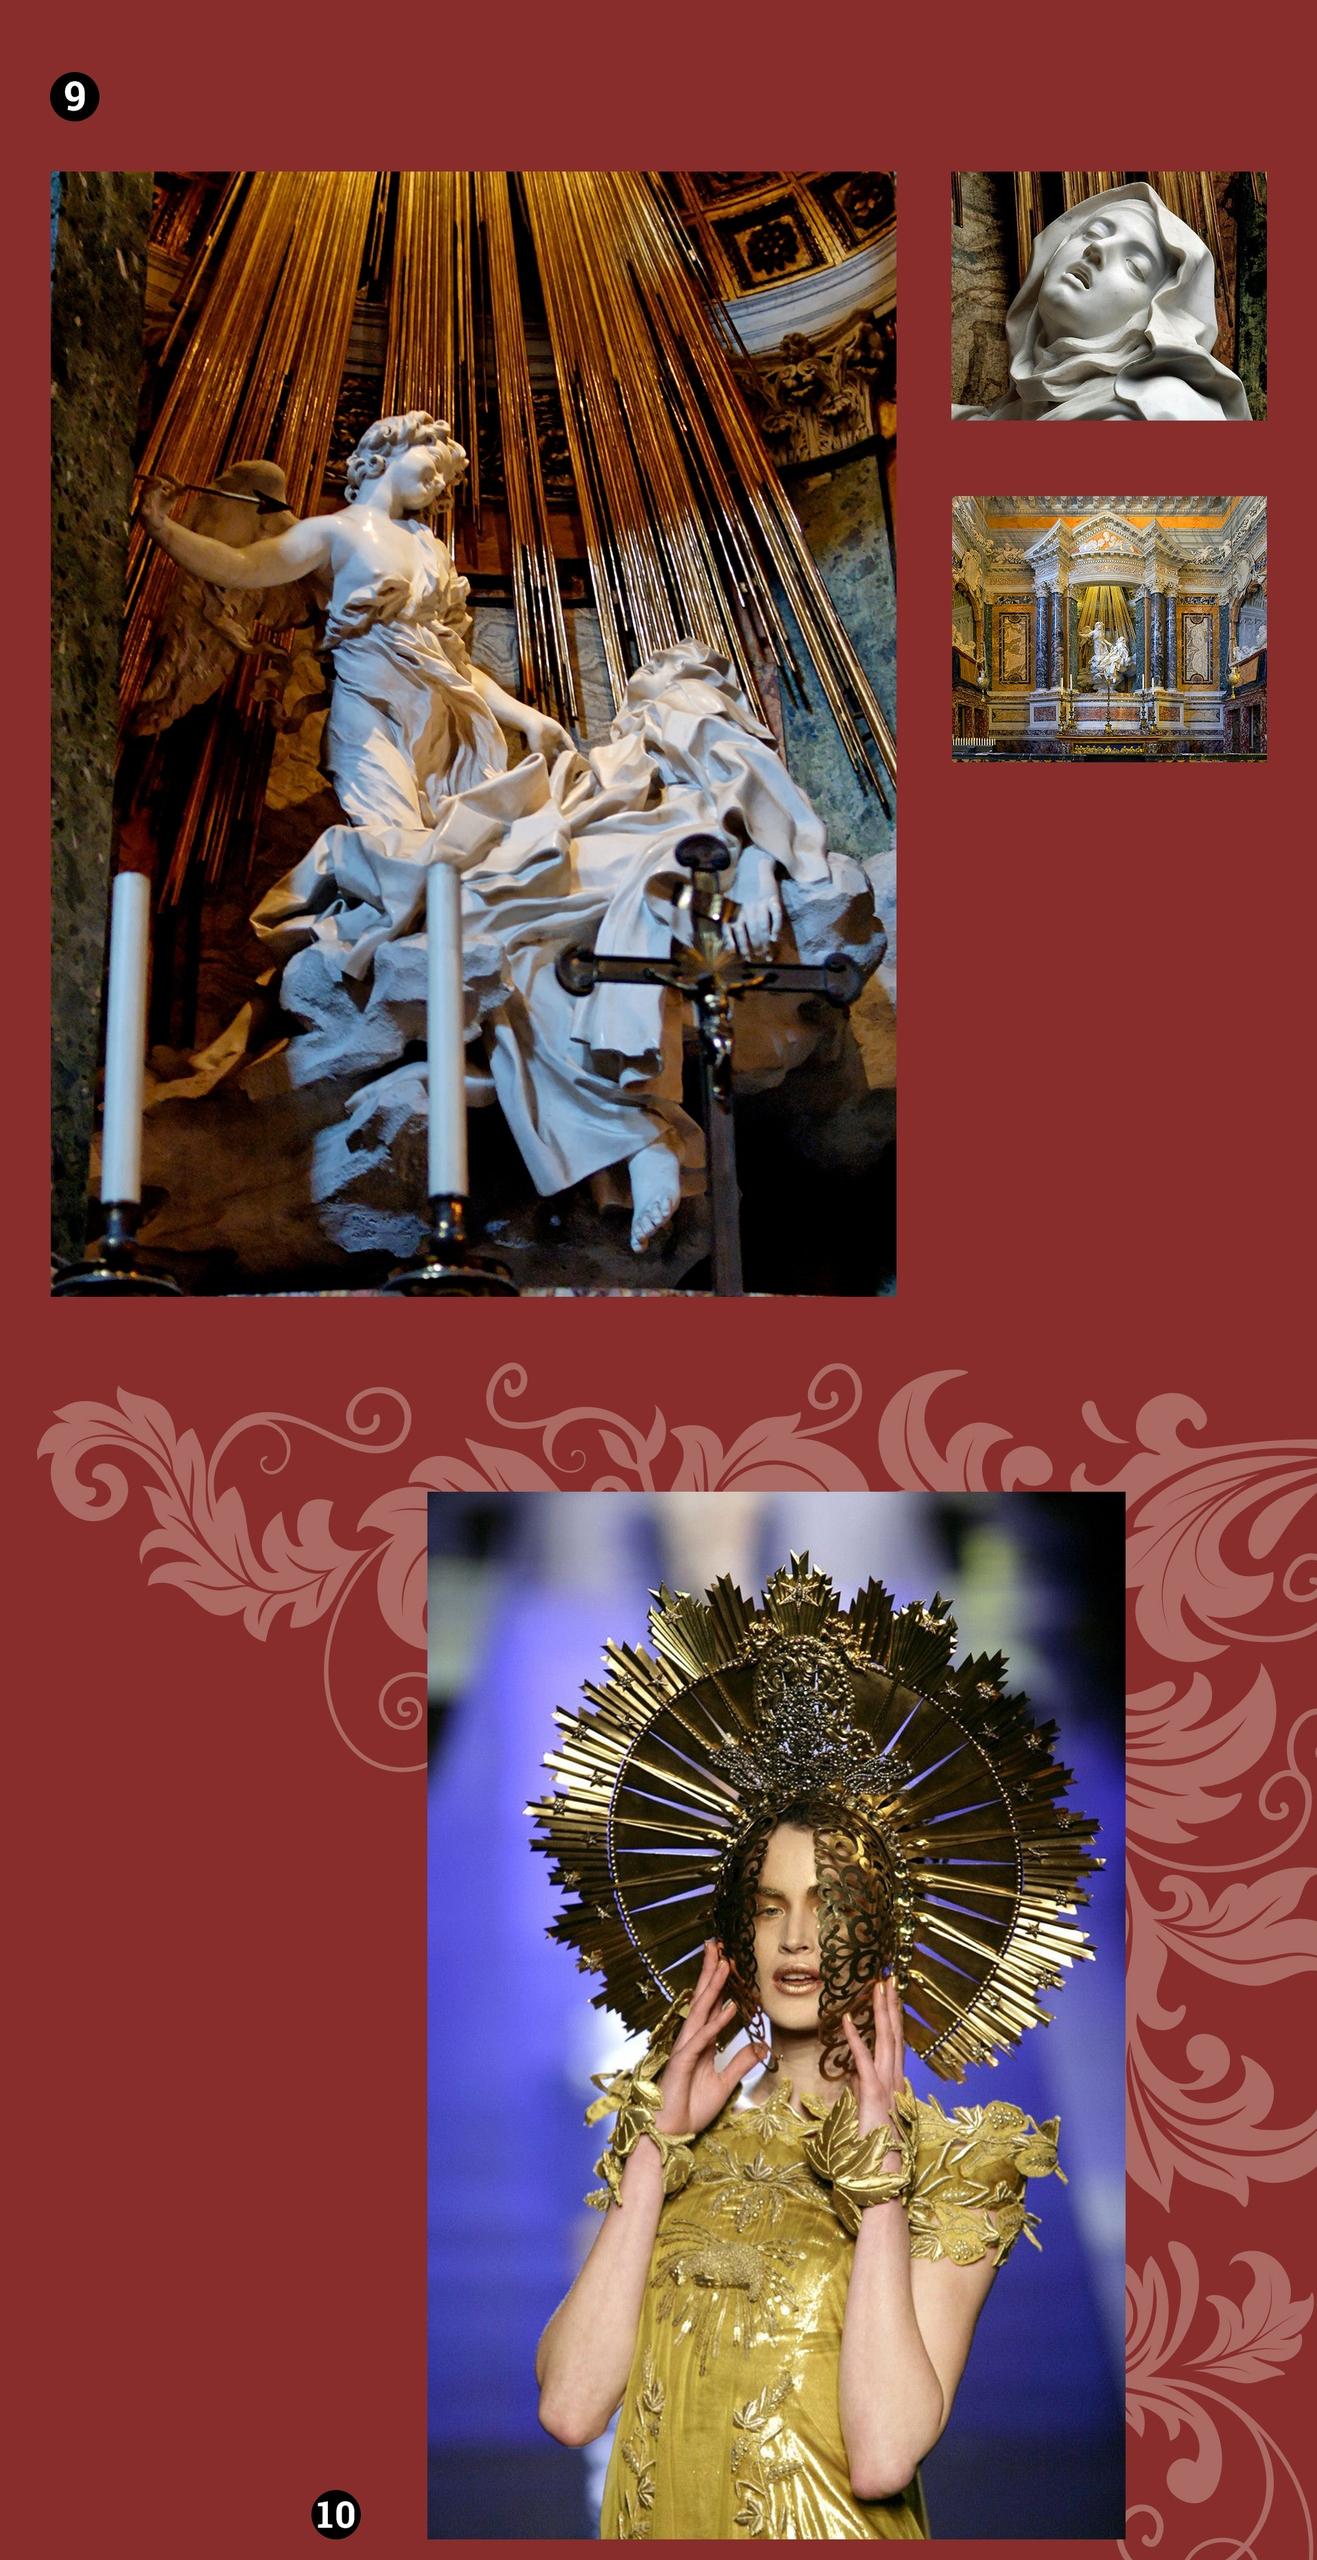 Obraz przedstawia cztery fotografie. Dwie z nich przedstawiają barokową rzeźbę we wnętrzu, jedna jest zdjęciem modelki w złotym nakryciu głowy.